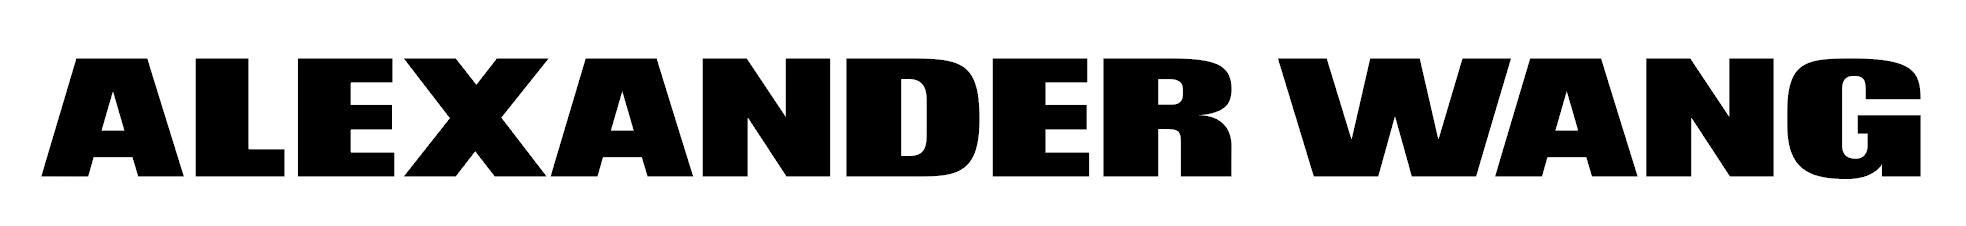 логотип александр вэнг